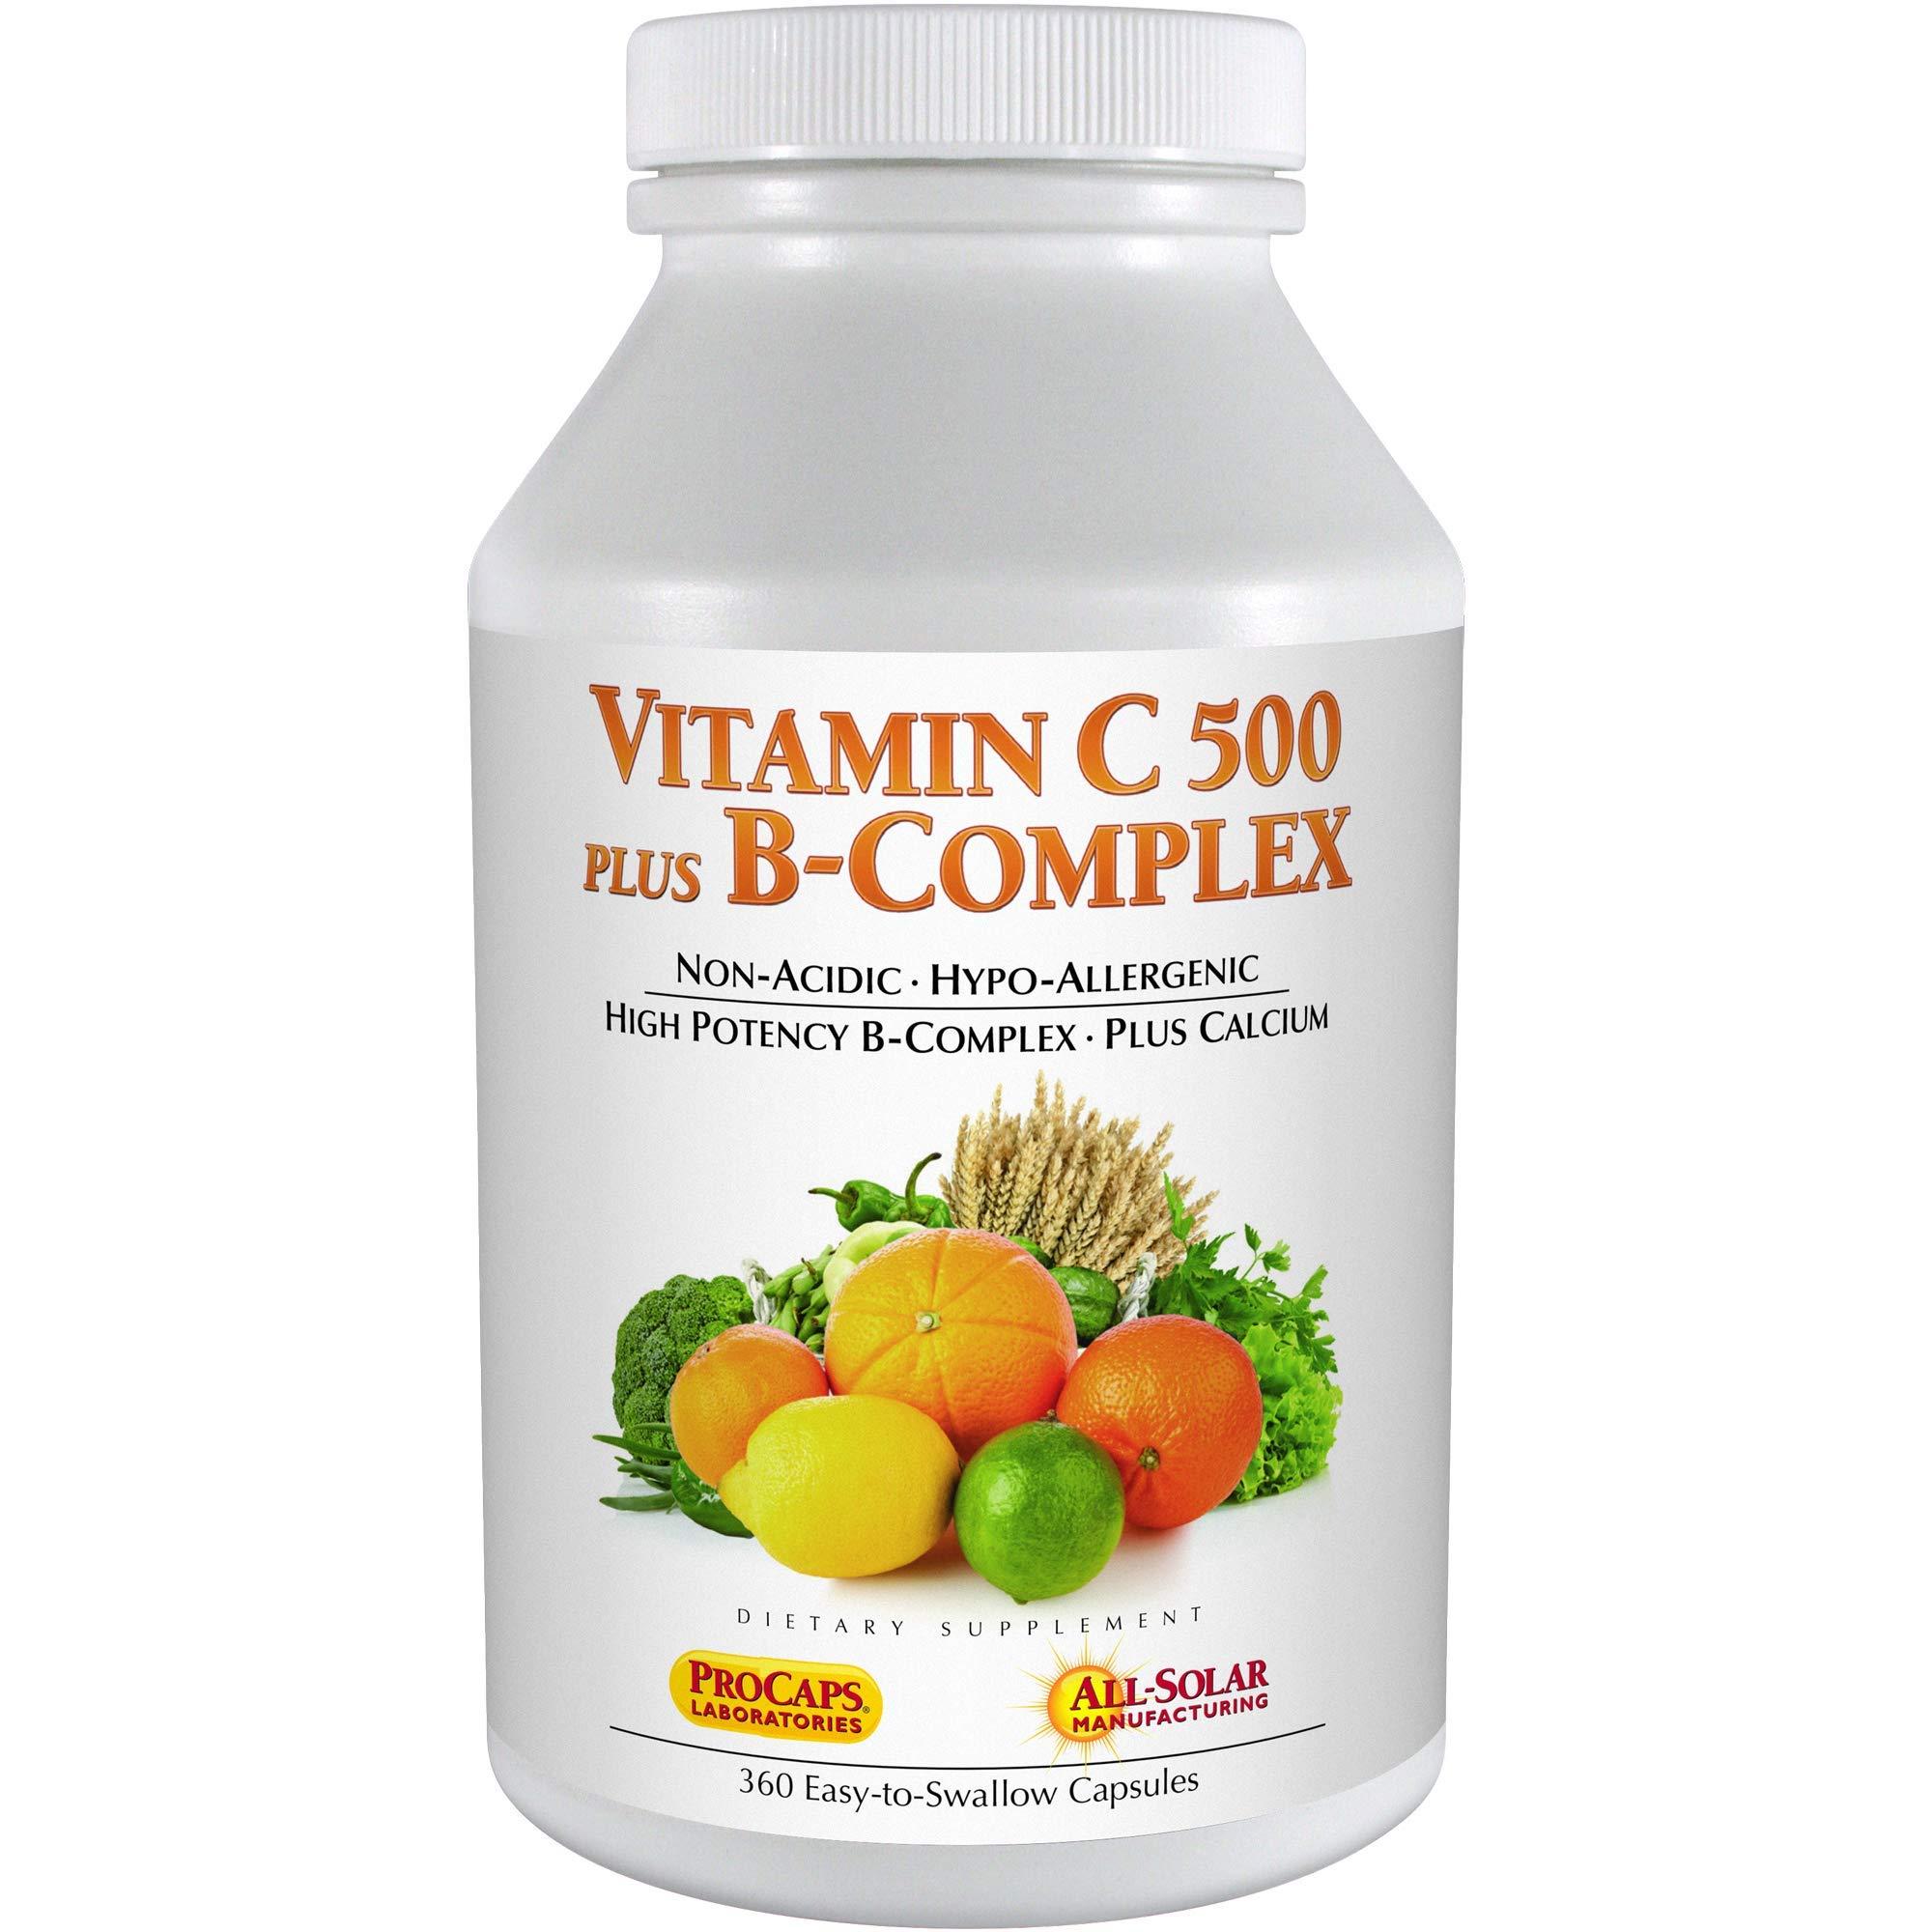 Andrew Lessman Vitamin C 500 Plus B-Complex, 360 Capsules by Andrew Lessman